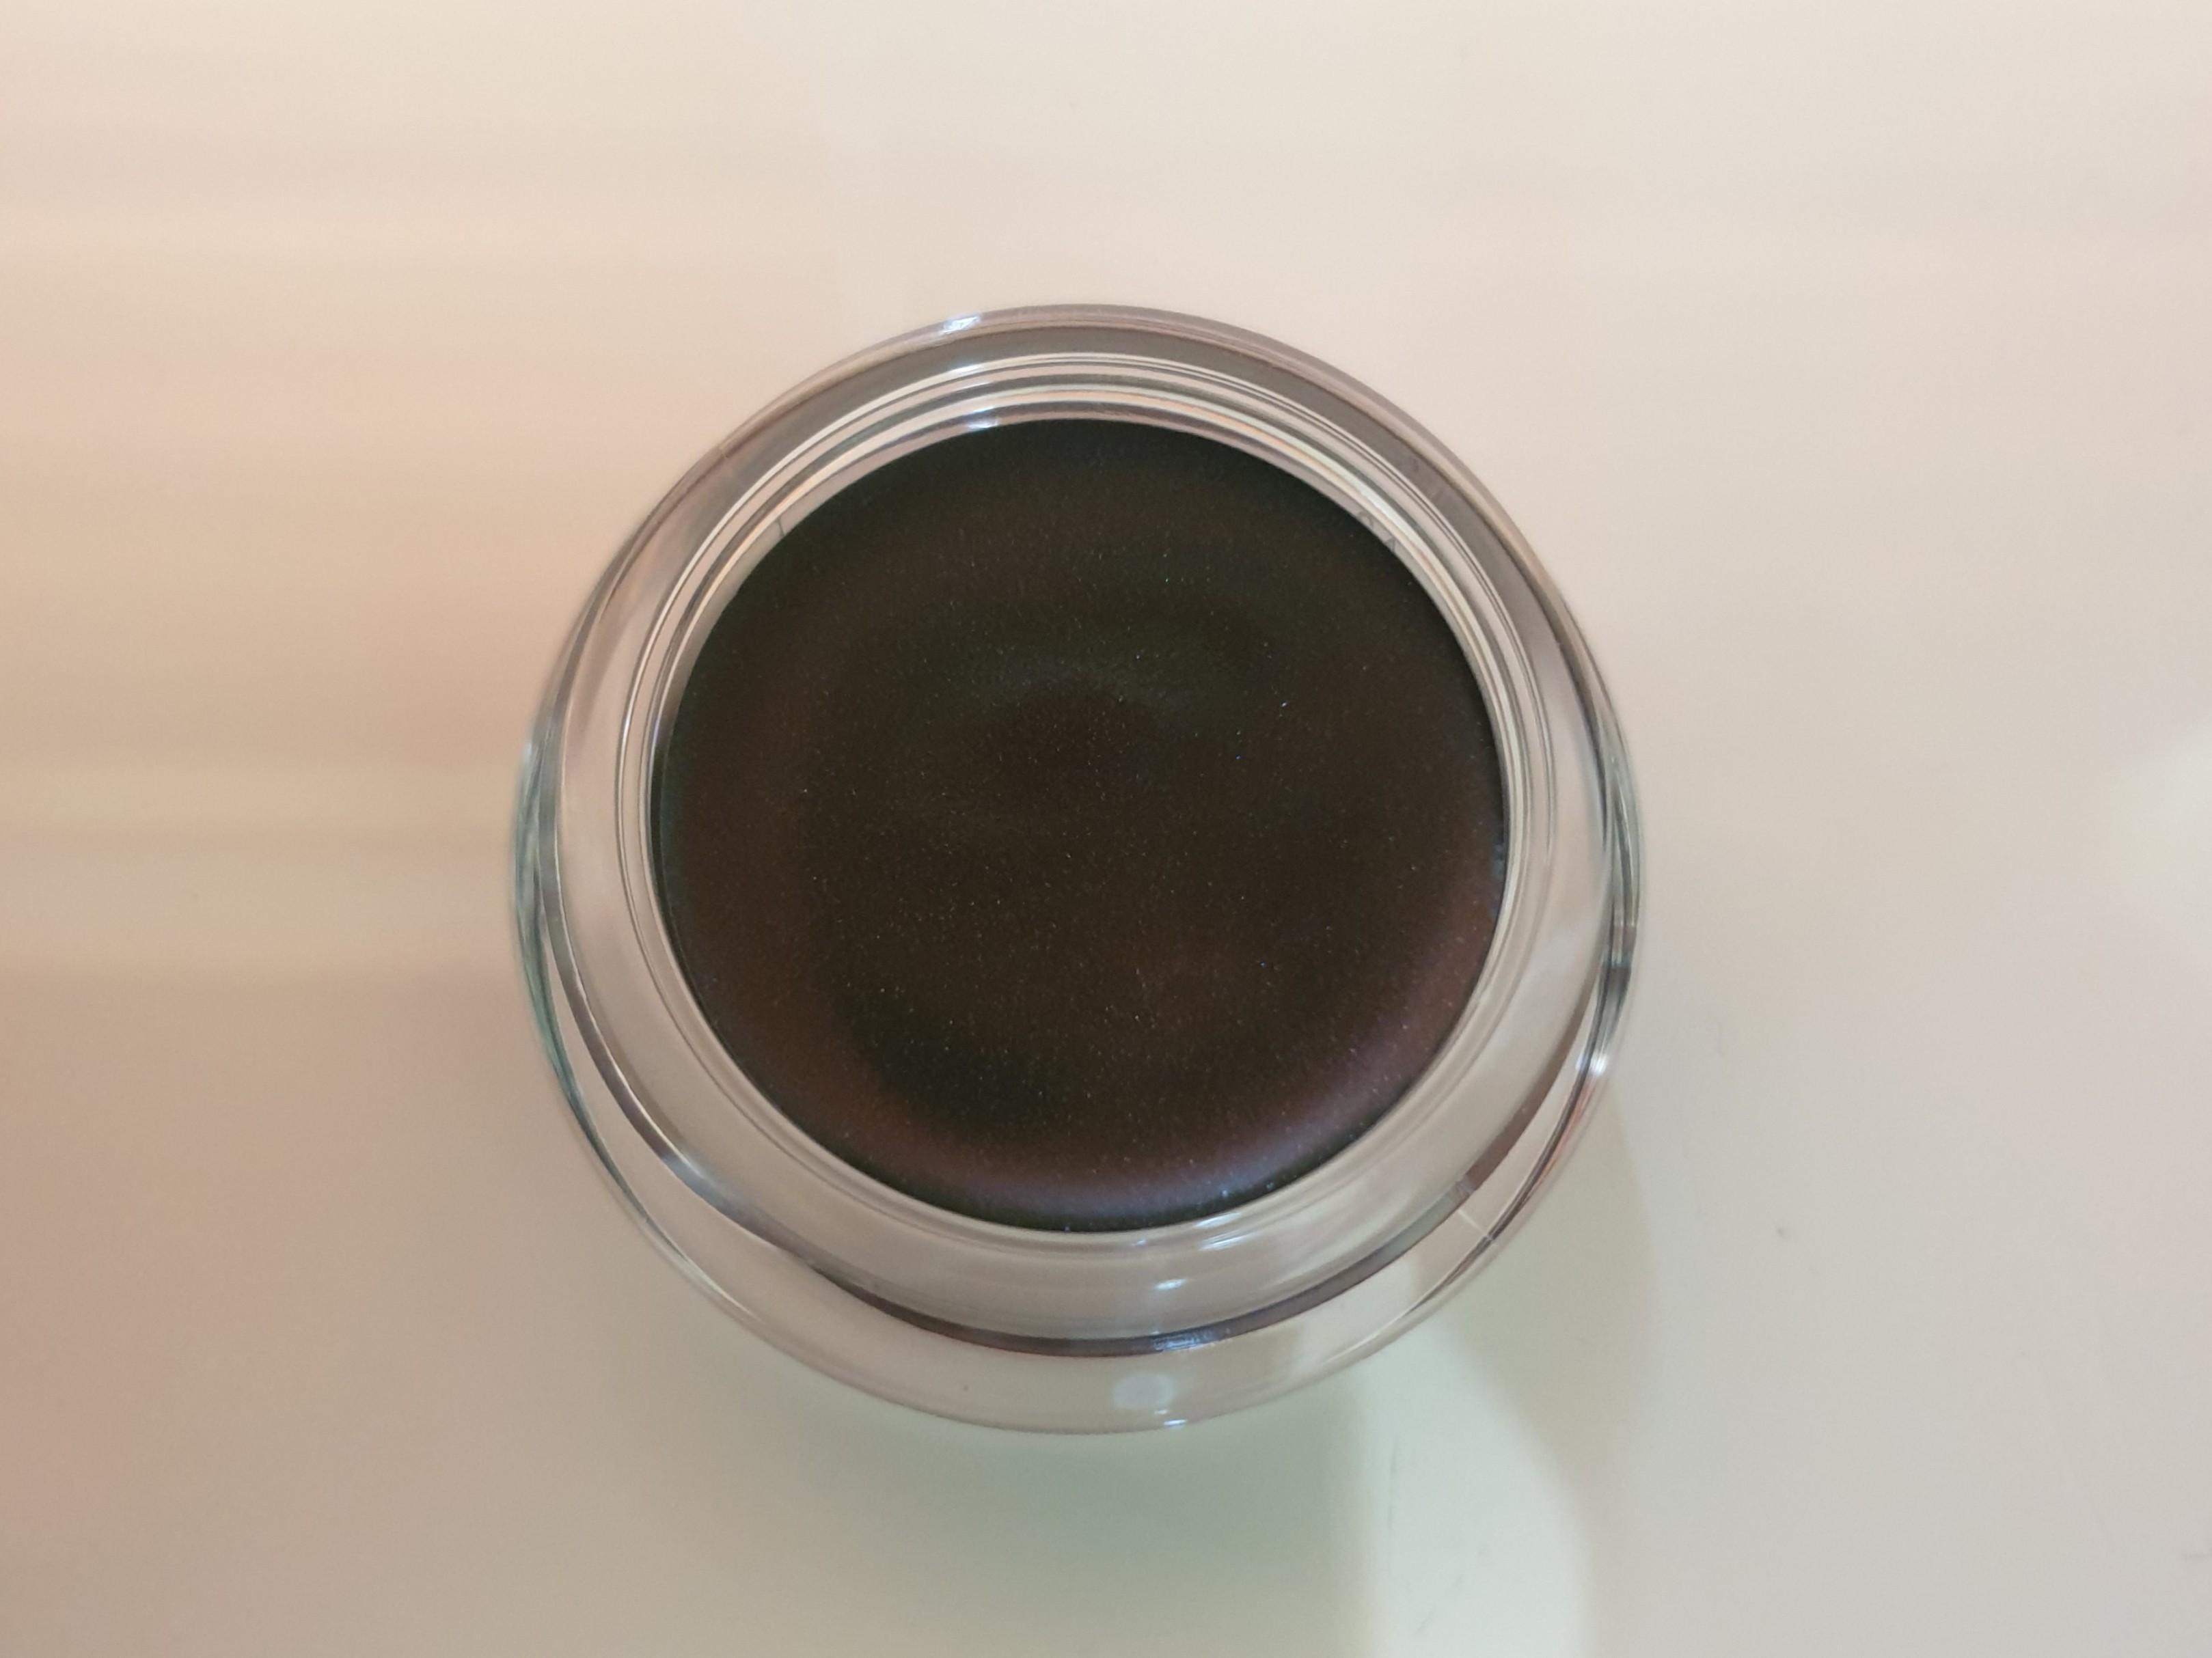 Cle de peau cream eyeshadow solo shade 307